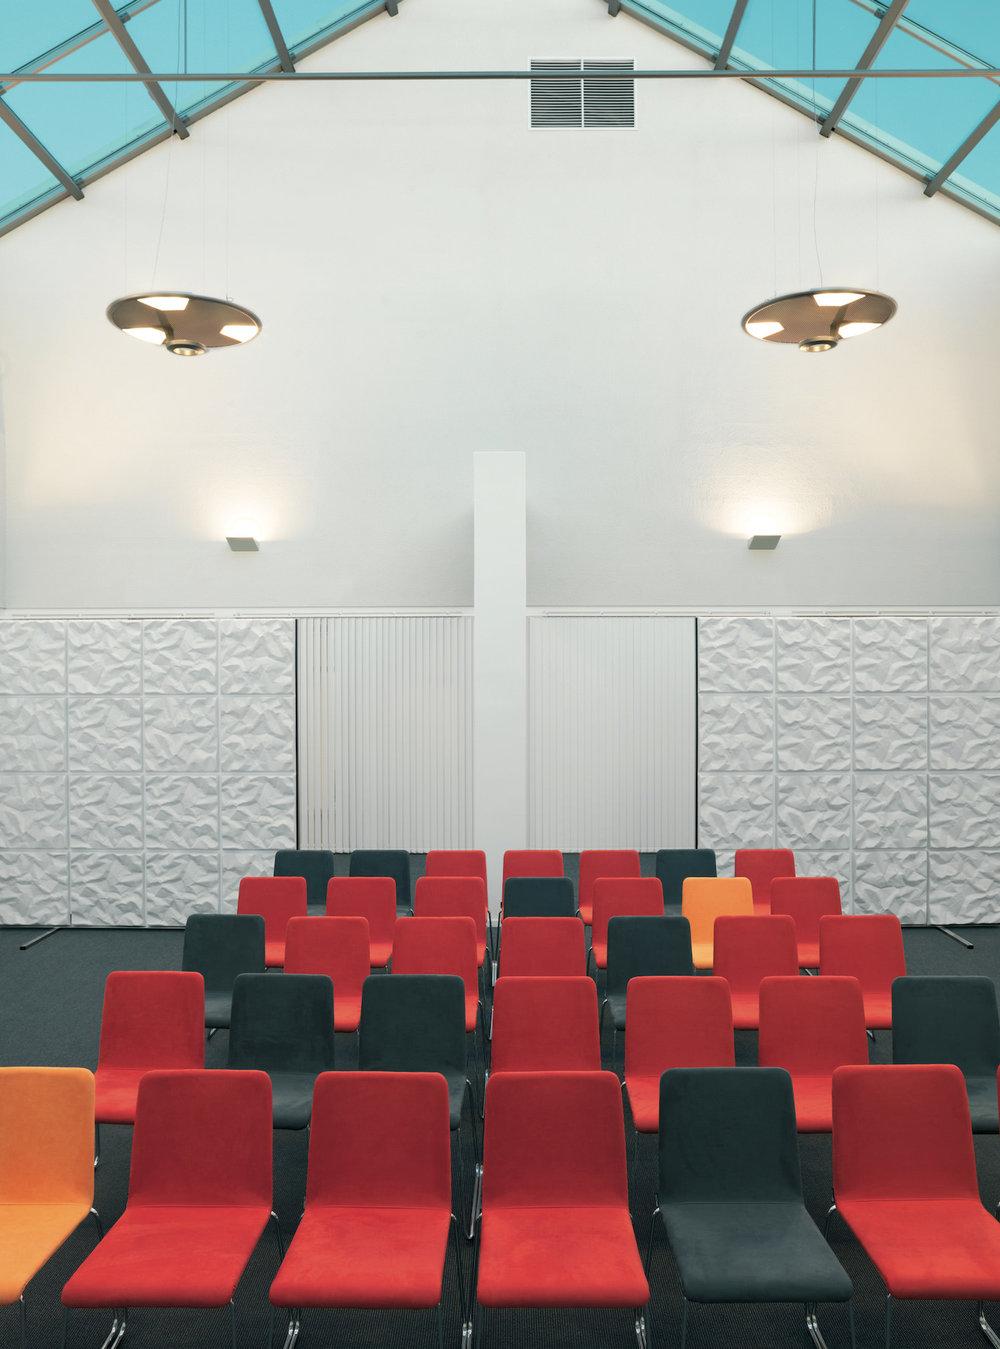 Raumakustik-Schallschutz-Wandabsorber-Offecct-Soundwave-15.jpg